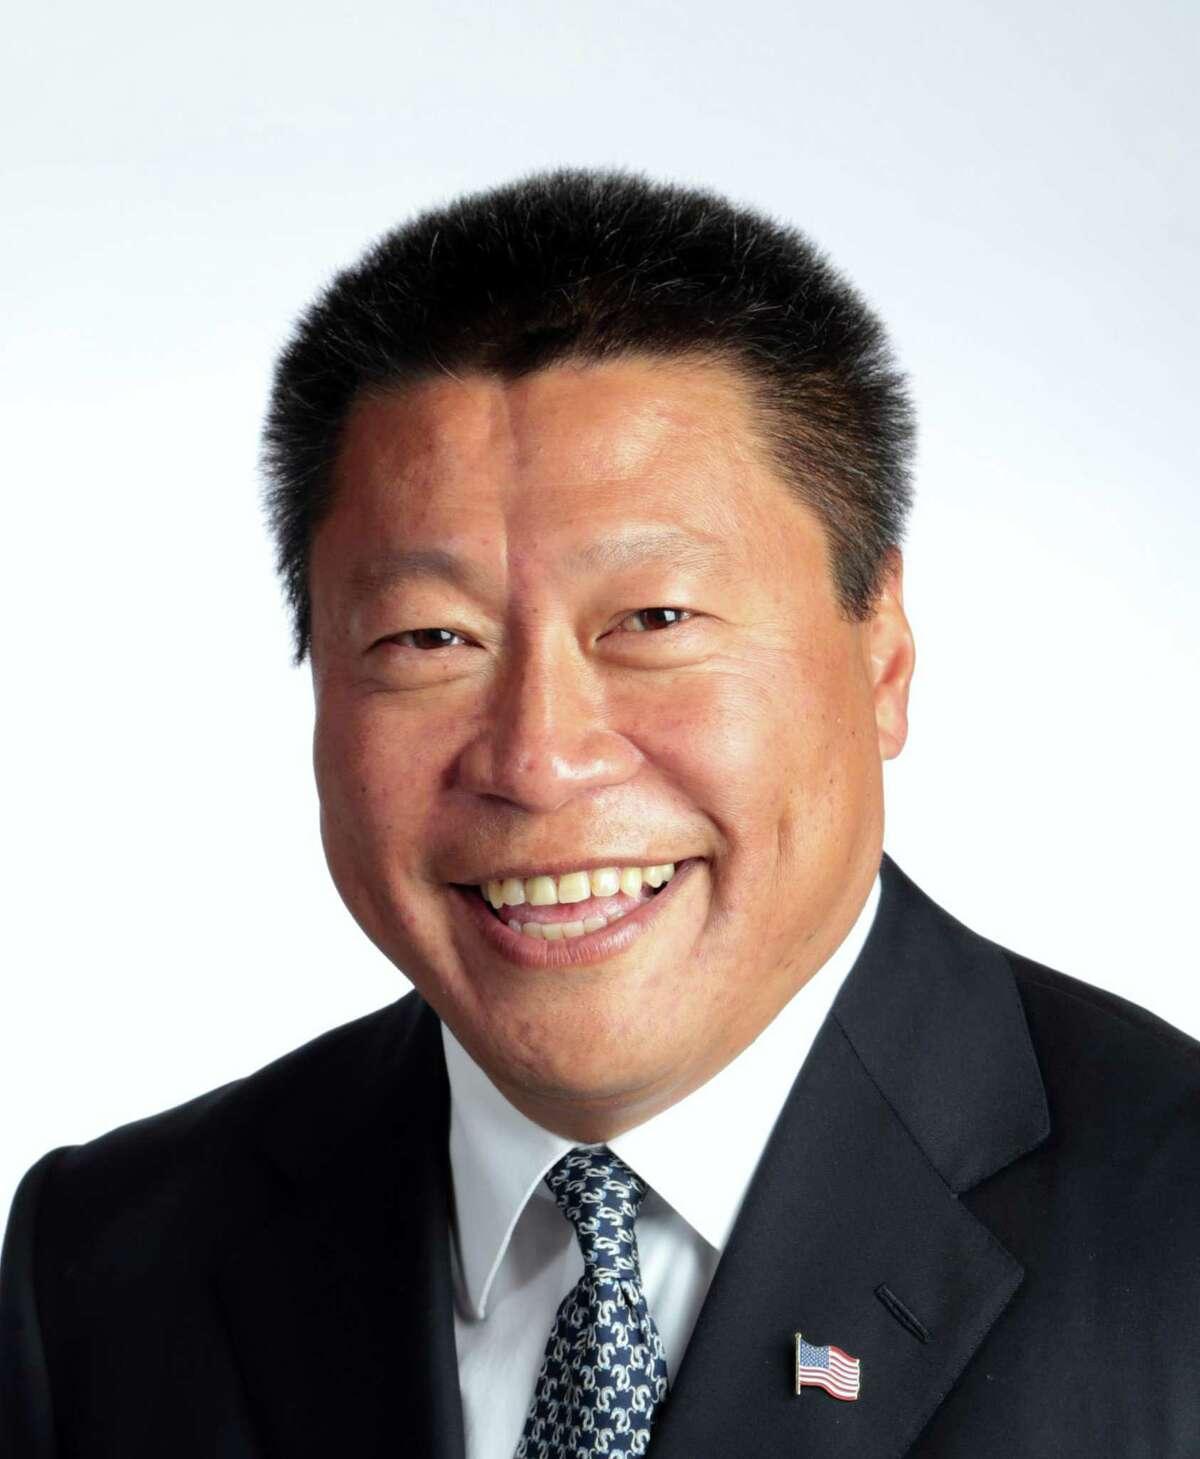 Senator Tony Hwang (R-28)